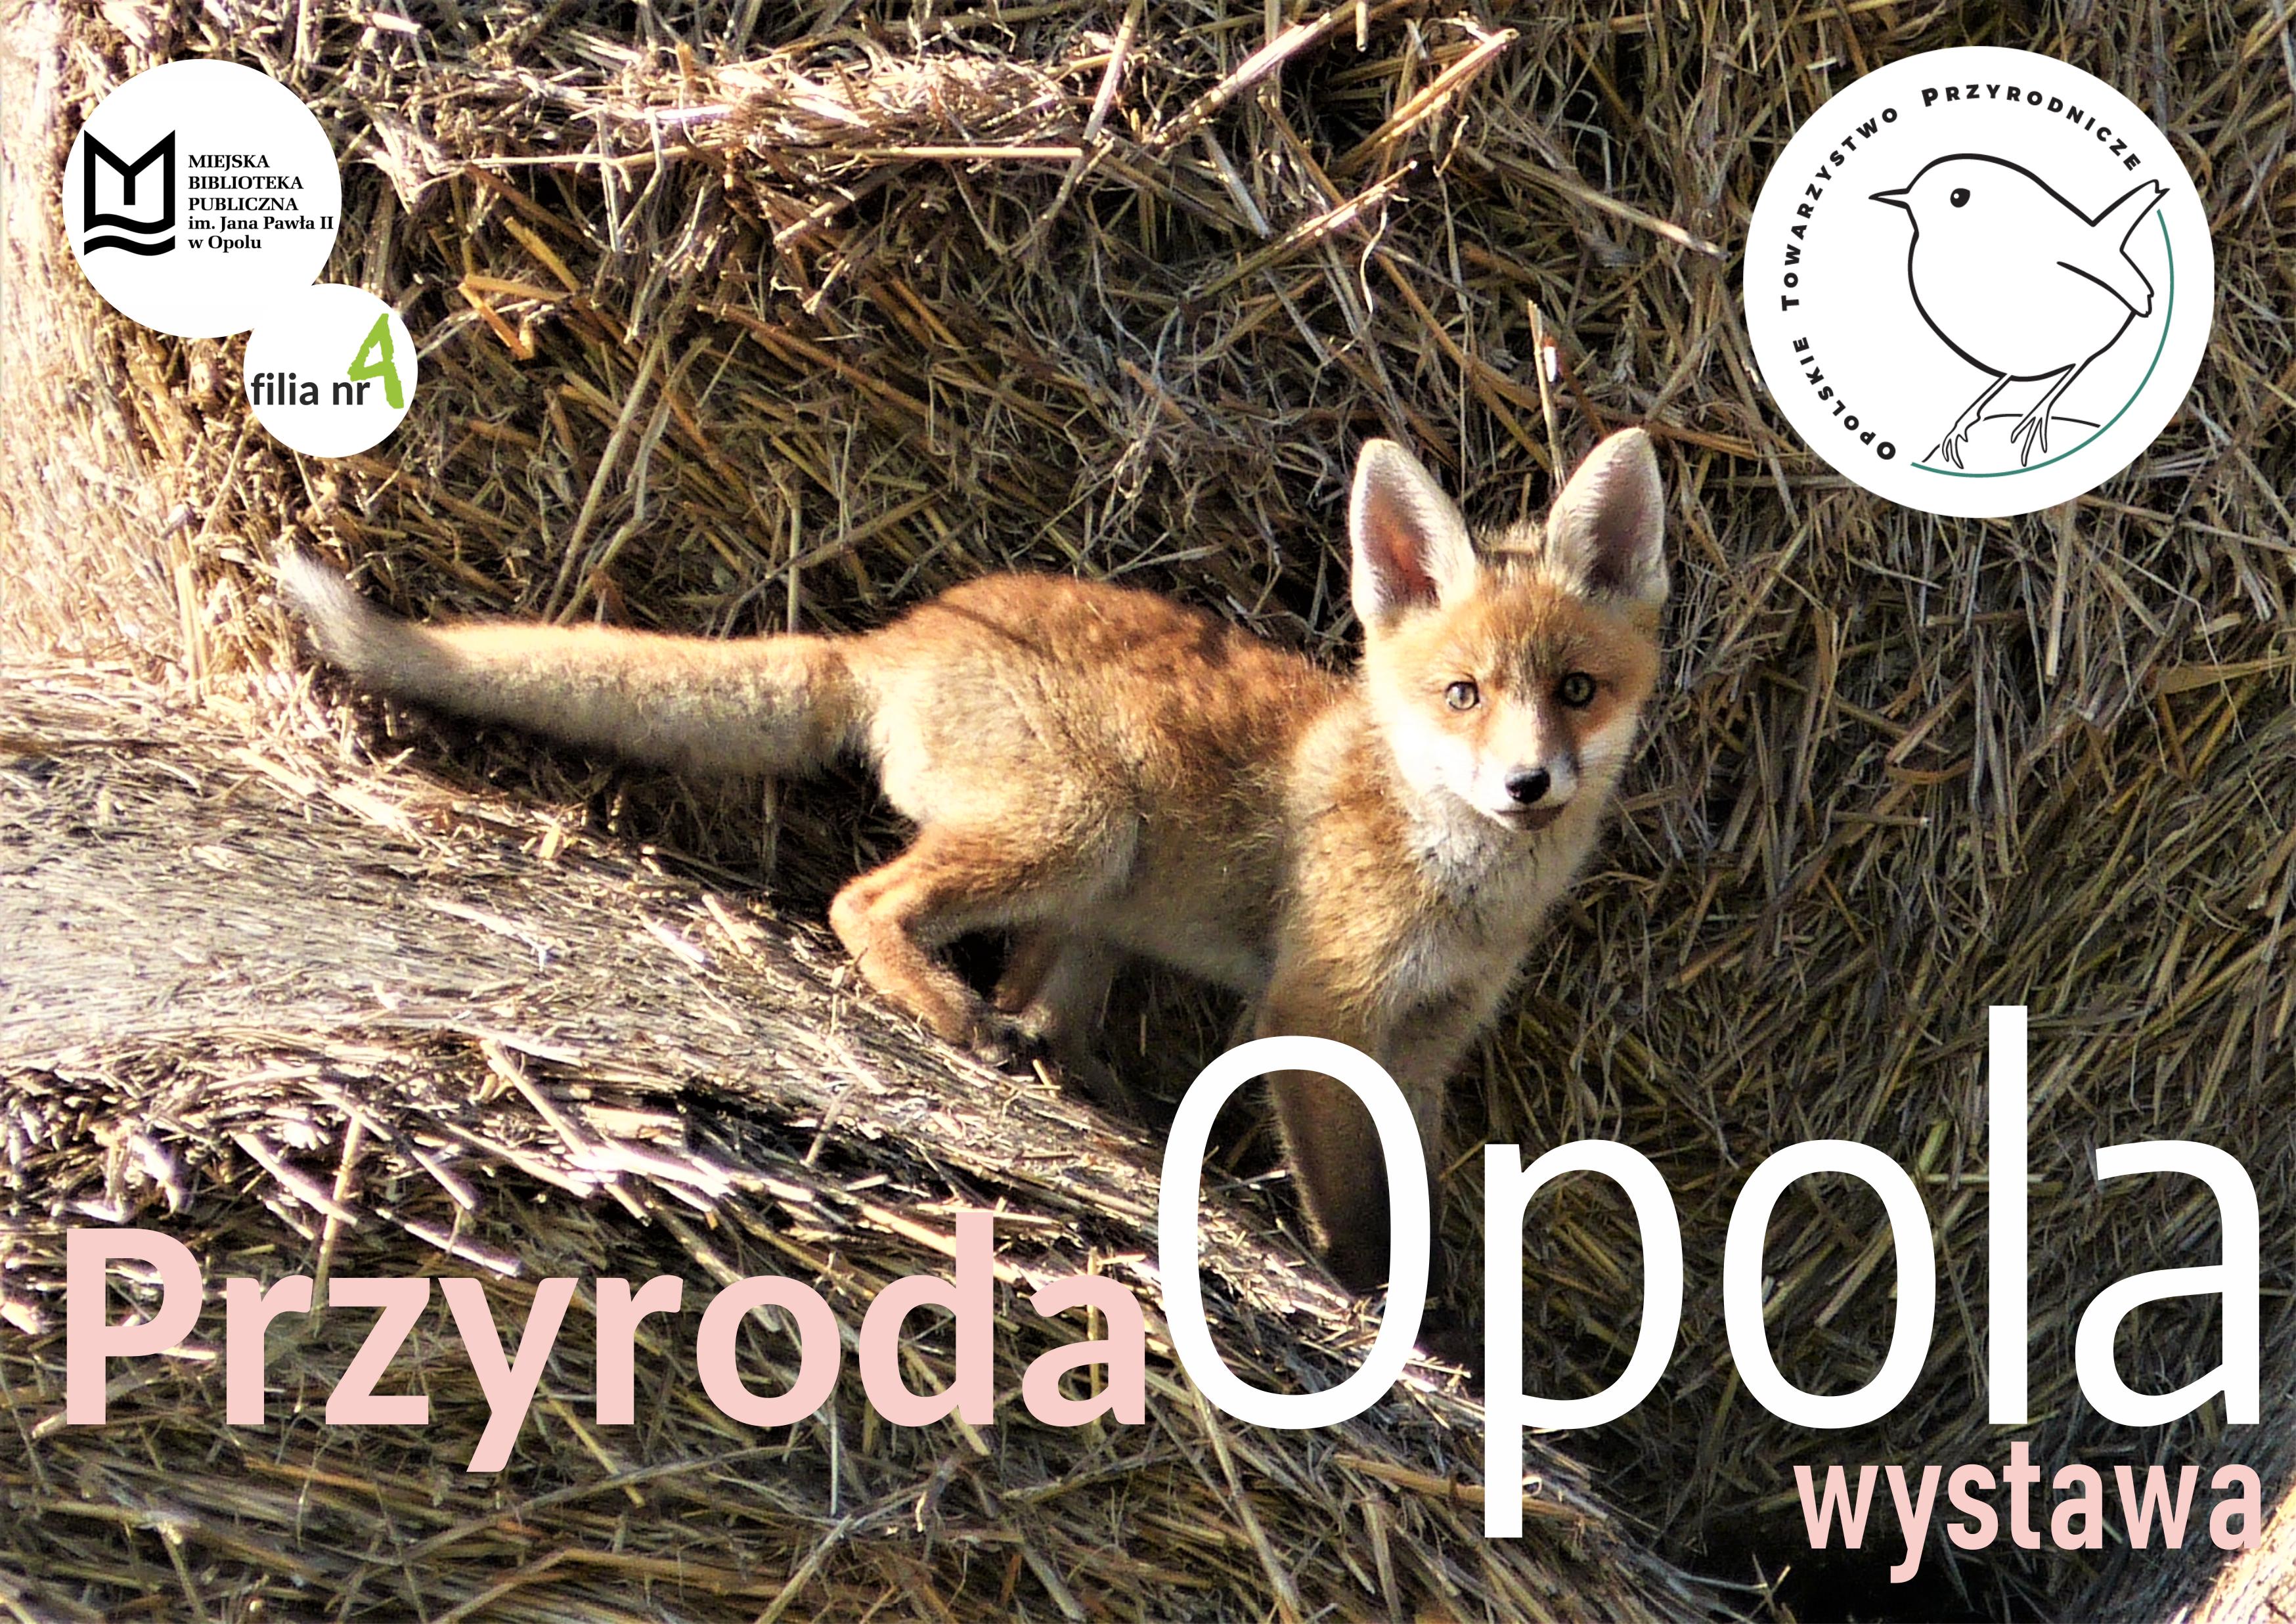 Przyroda Opola – wystawa zdjęć OTP